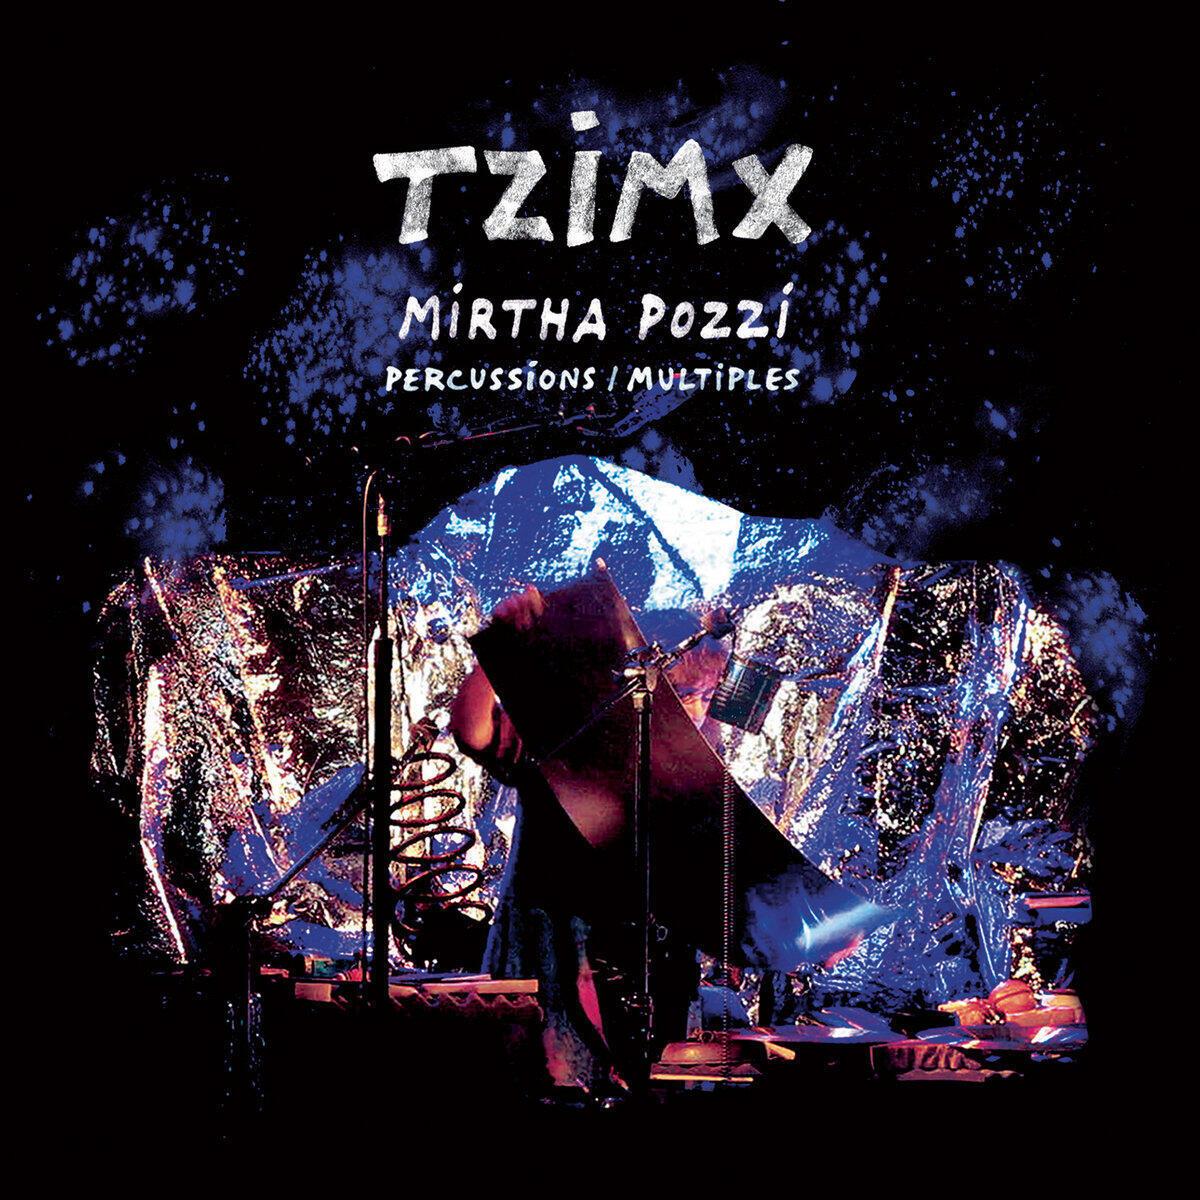 Portada del disco de Mrtha Pozzi TZIMX